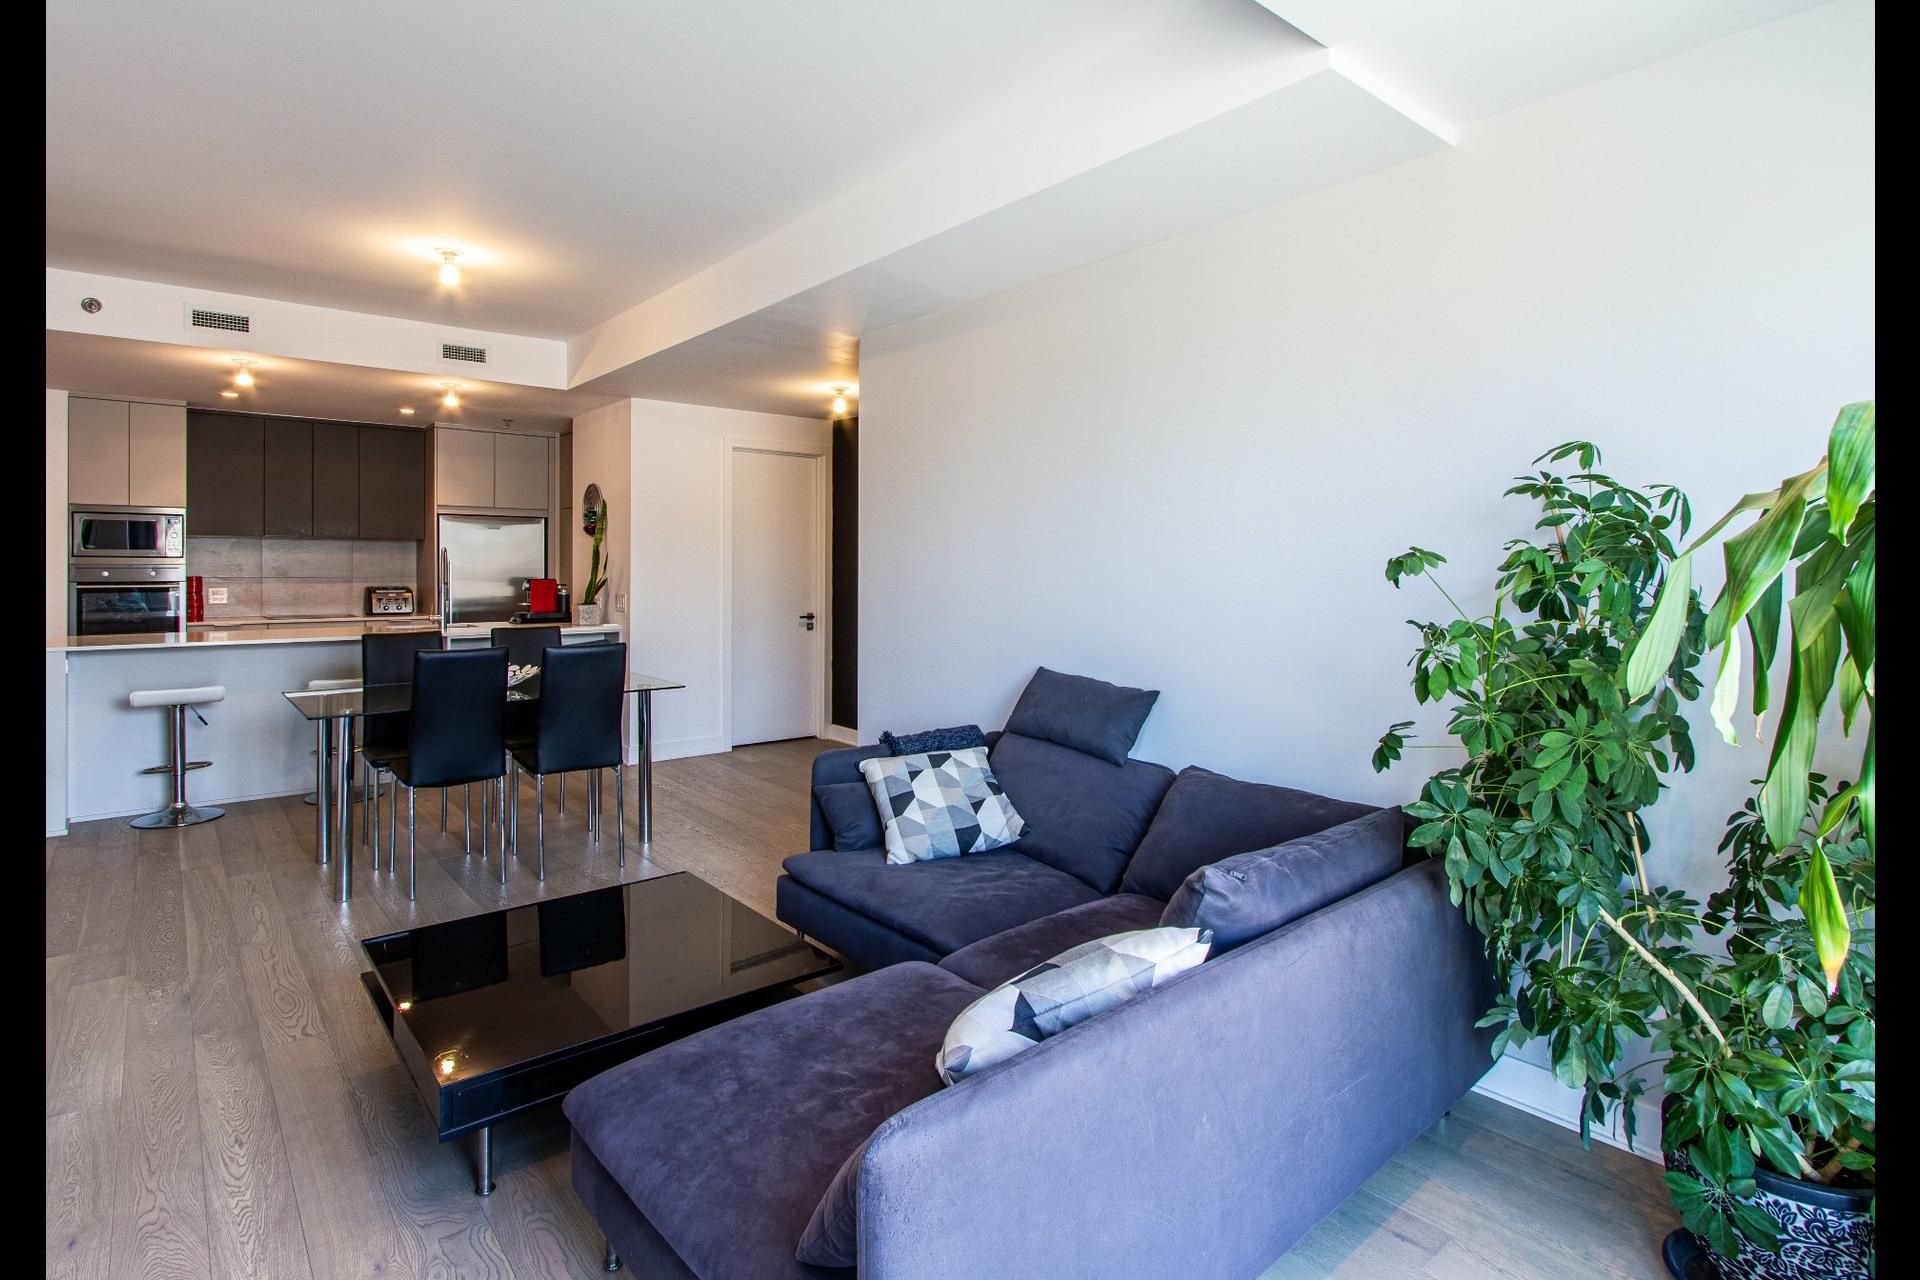 image 10 - Appartement À vendre Le Sud-Ouest Montréal  - 6 pièces